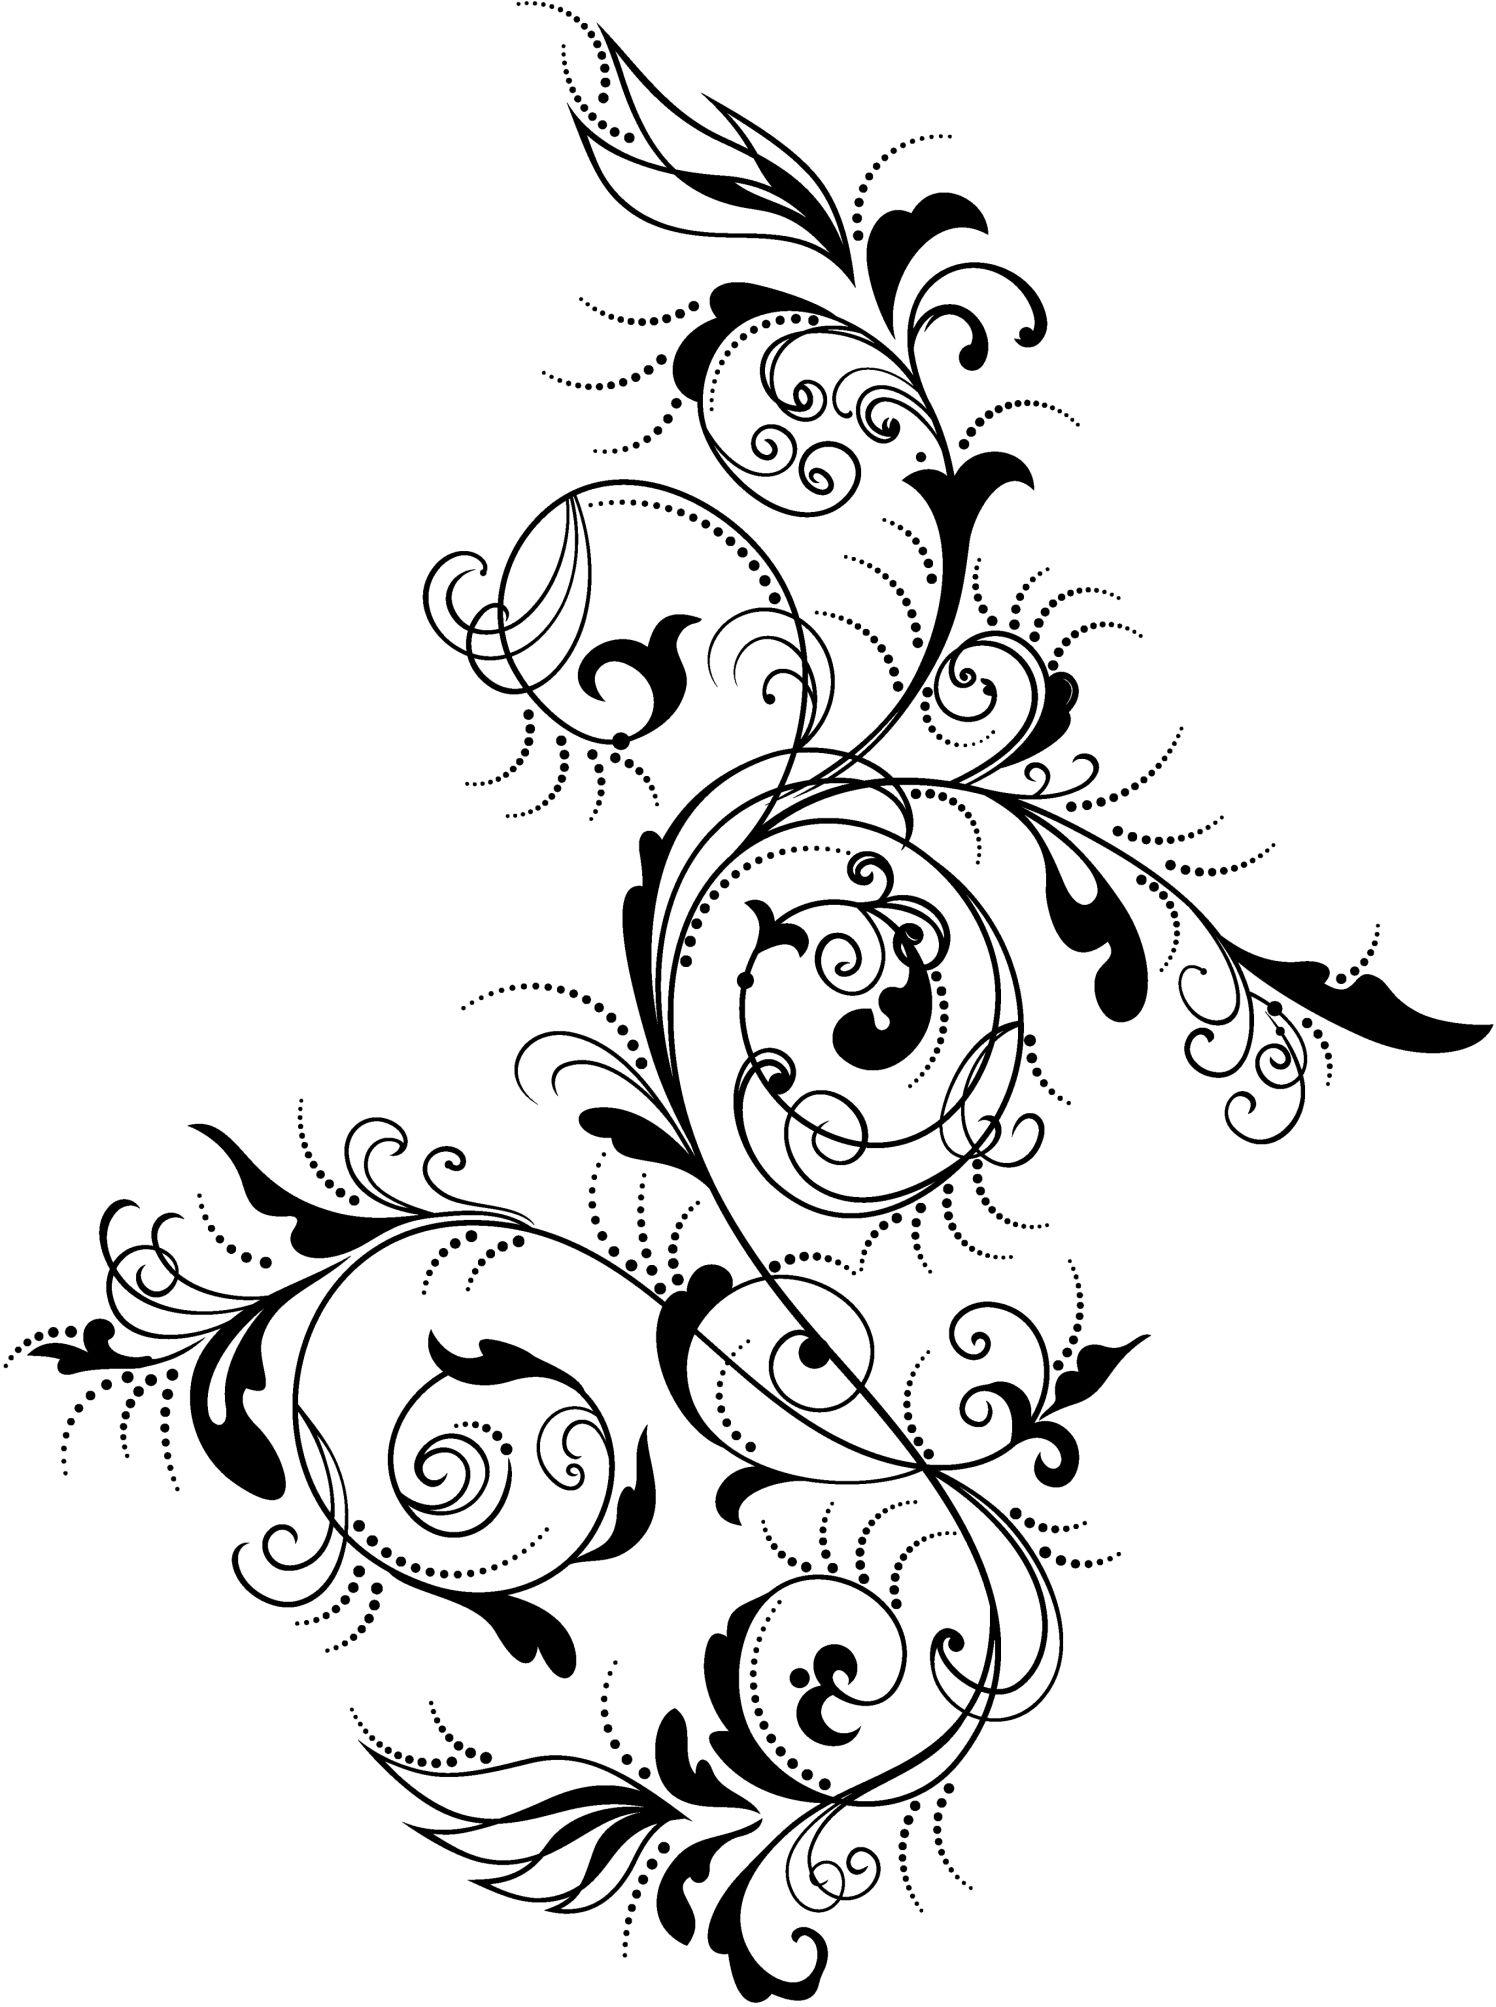 Dibujos de flores para tatuar  Tatoos Stenciling and Mandalas